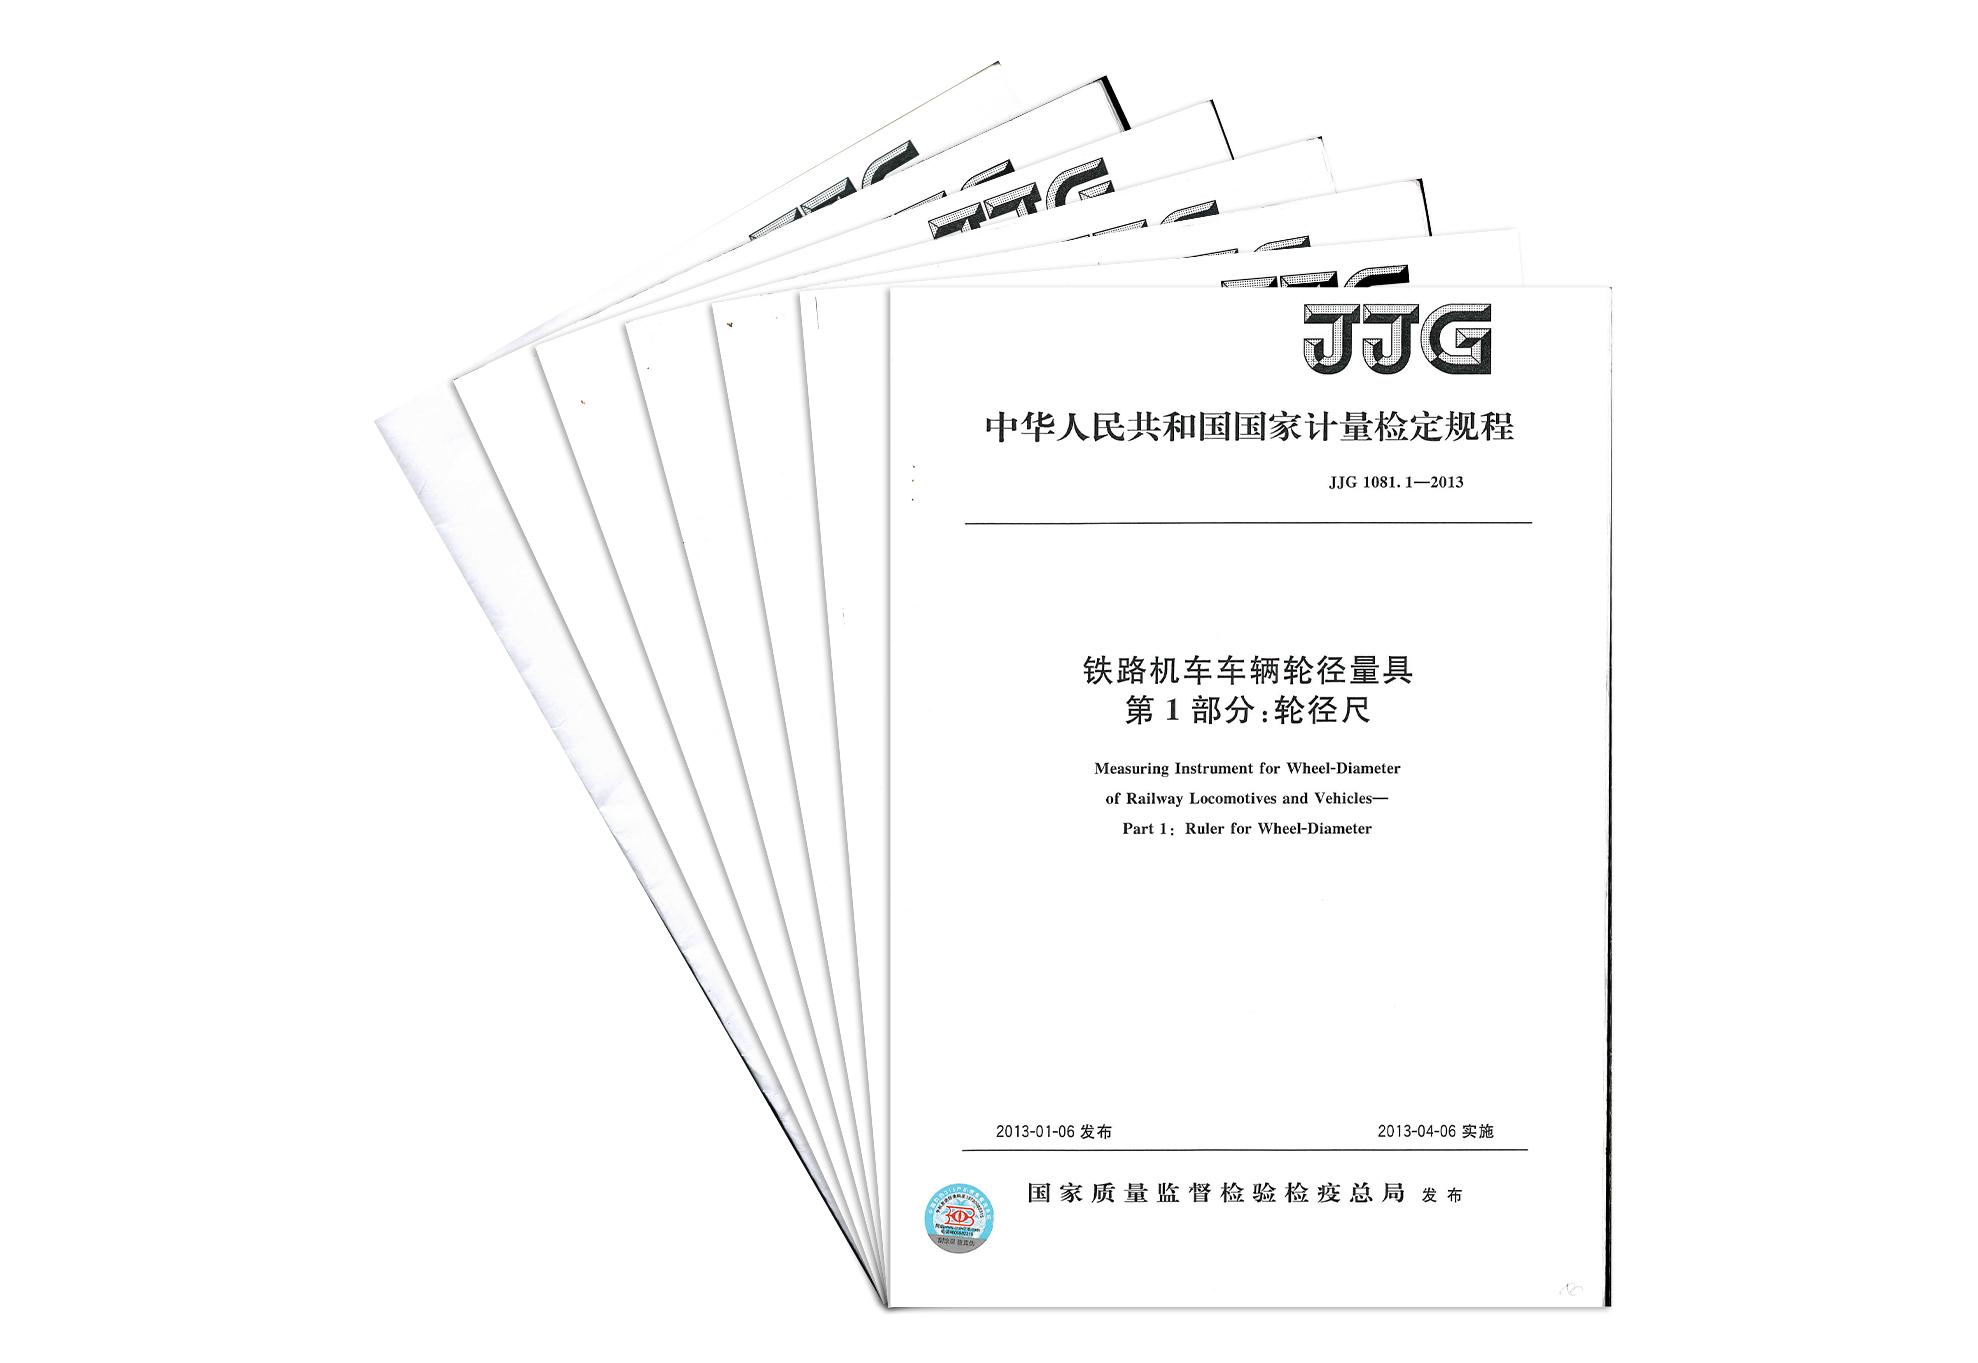 我公司参加起草的国家计量检定规程2.jpg